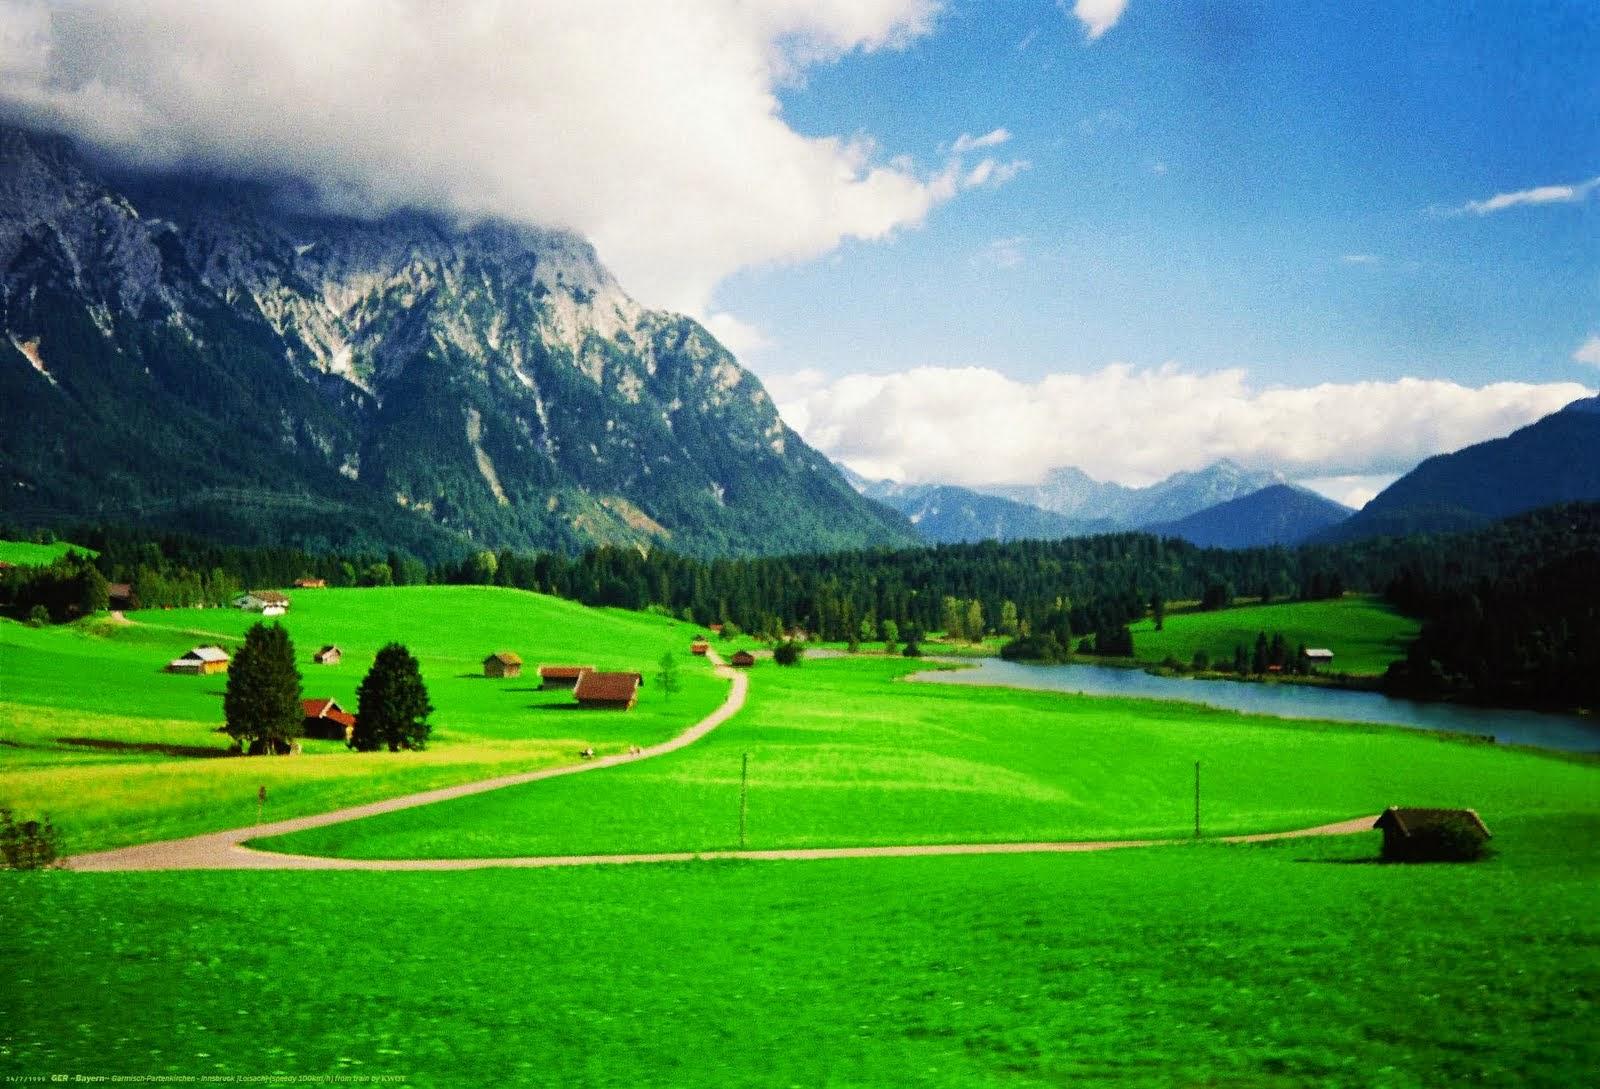 قرية قارمش الجبلية في المانيا